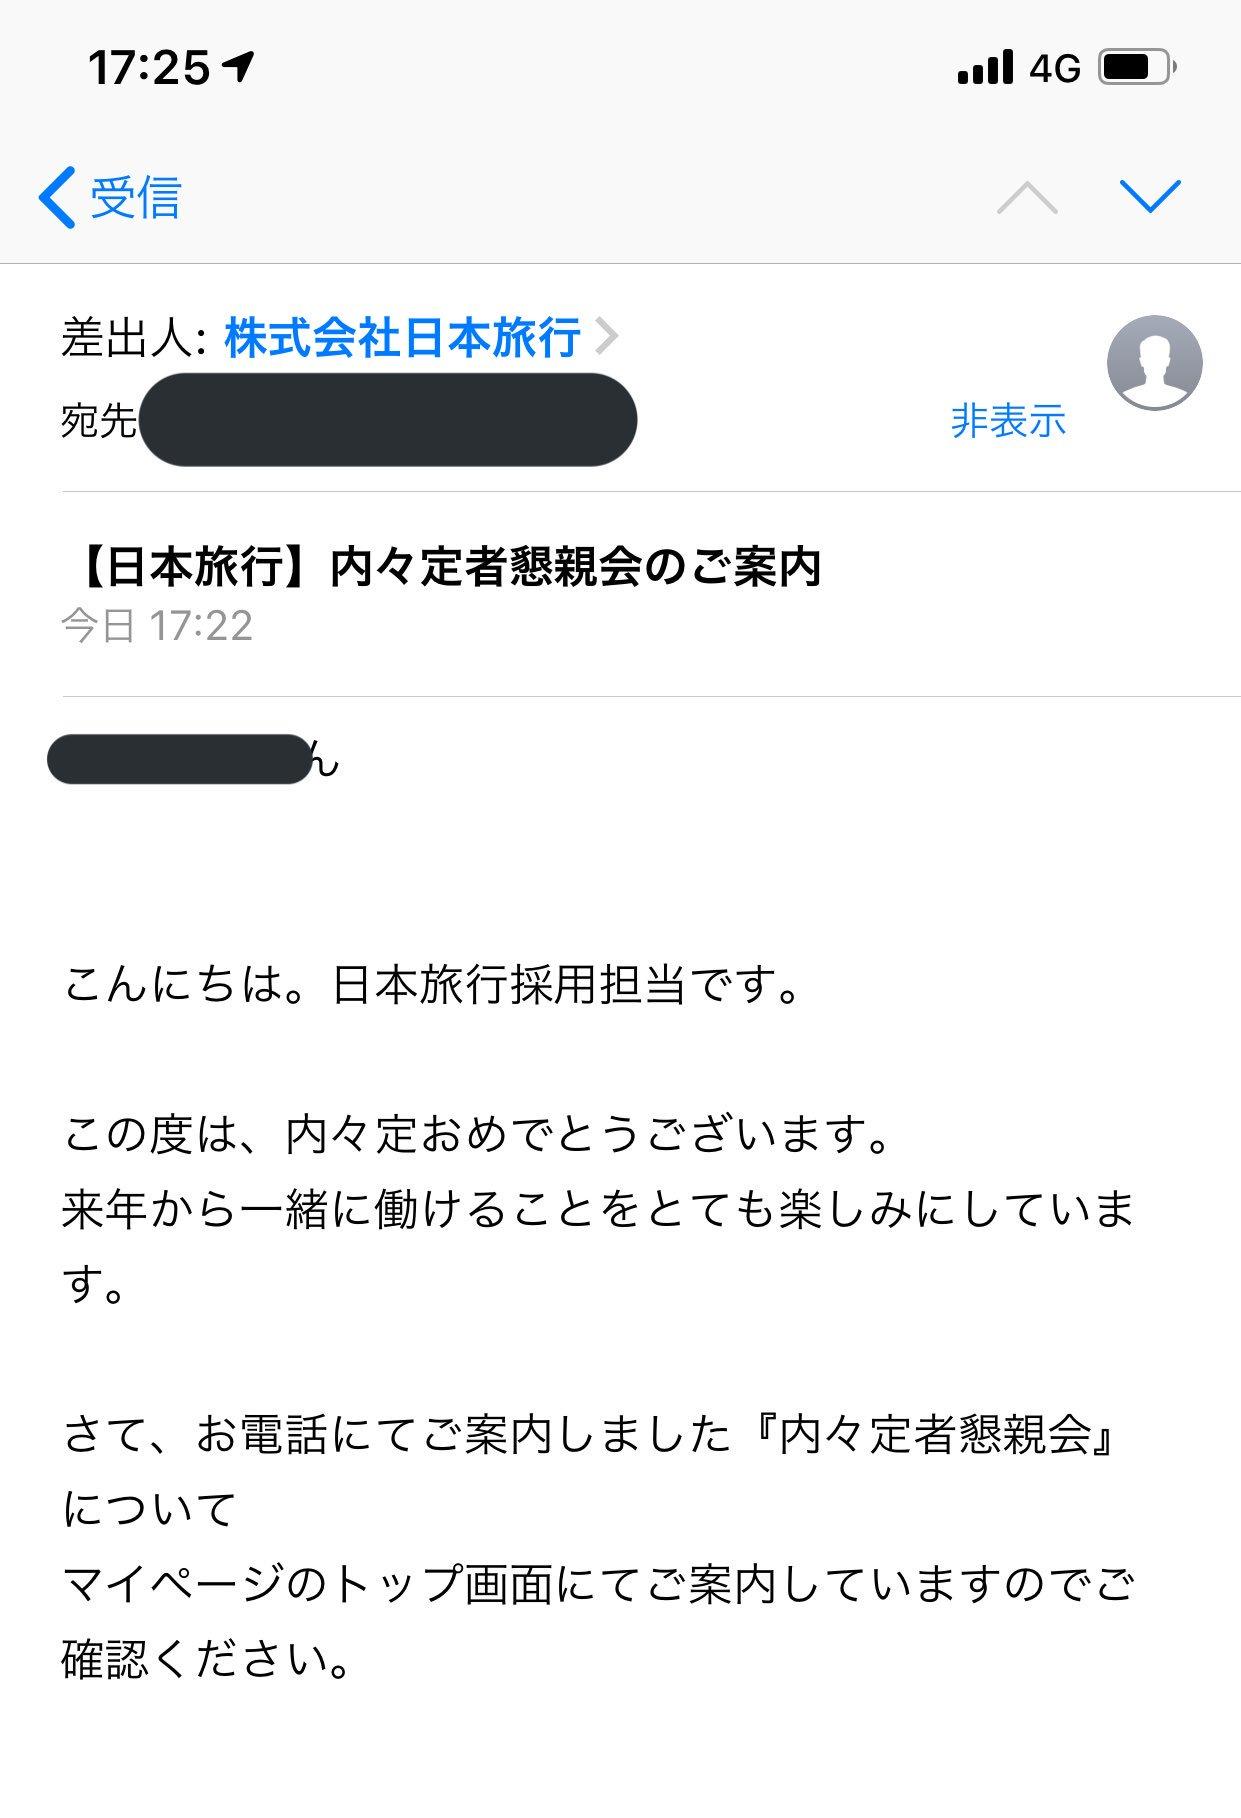 日本 旅行 マイ ページ